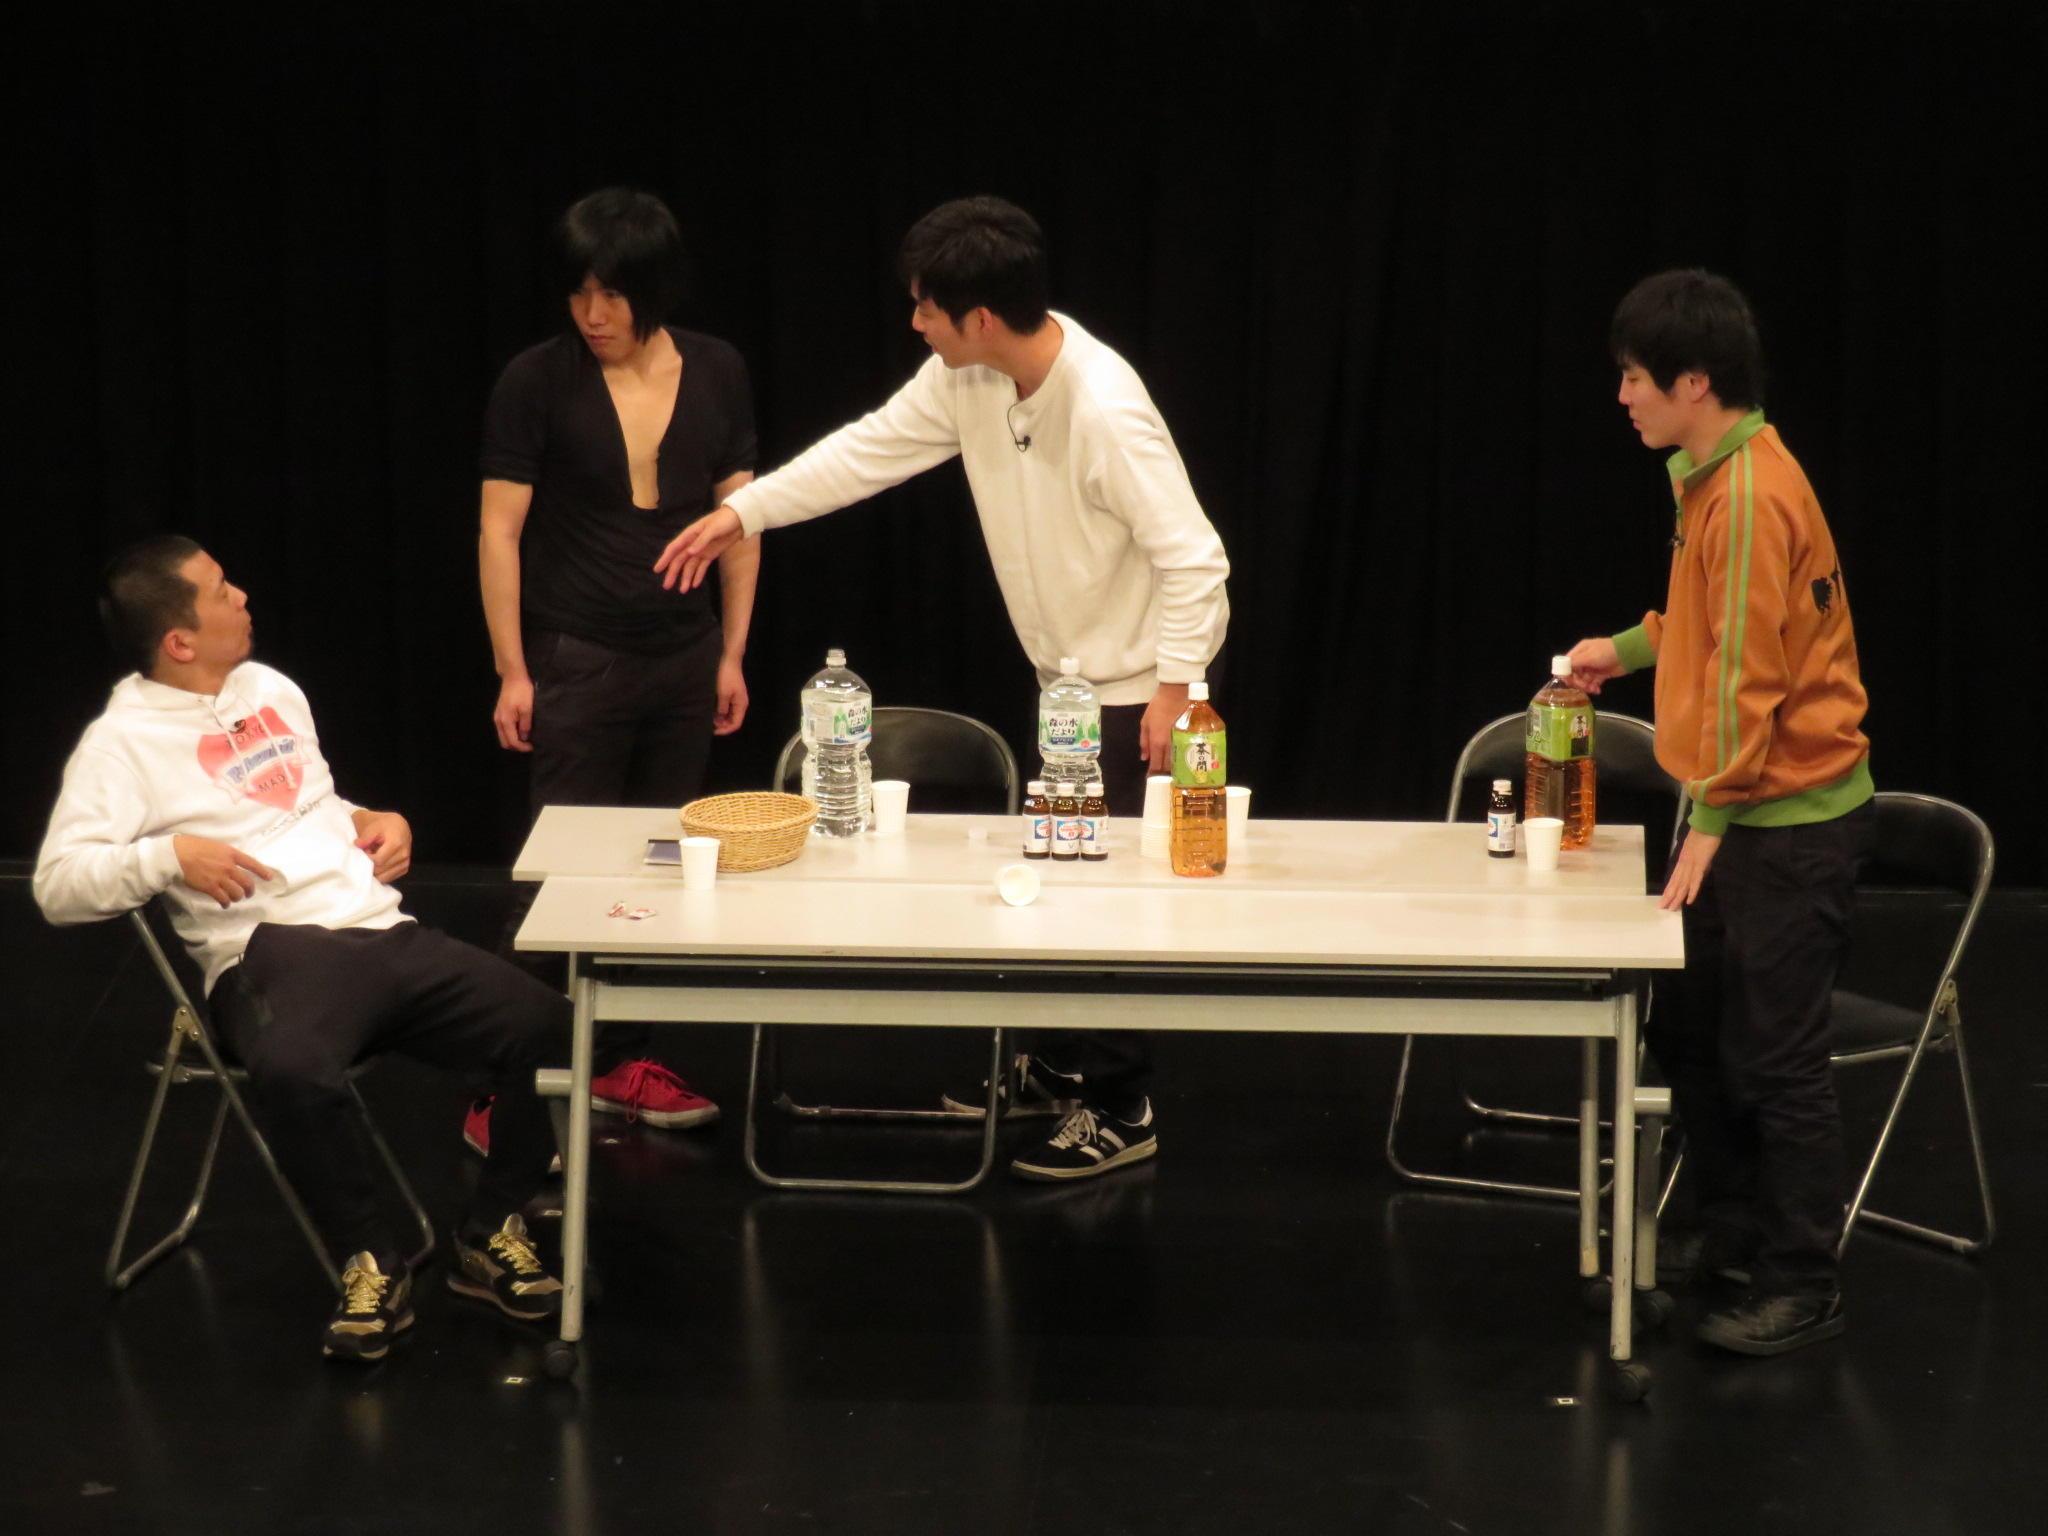 http://news.yoshimoto.co.jp/20181230125755-9818ec46655435a701b8aca5c0af68c4521f3f75.jpg